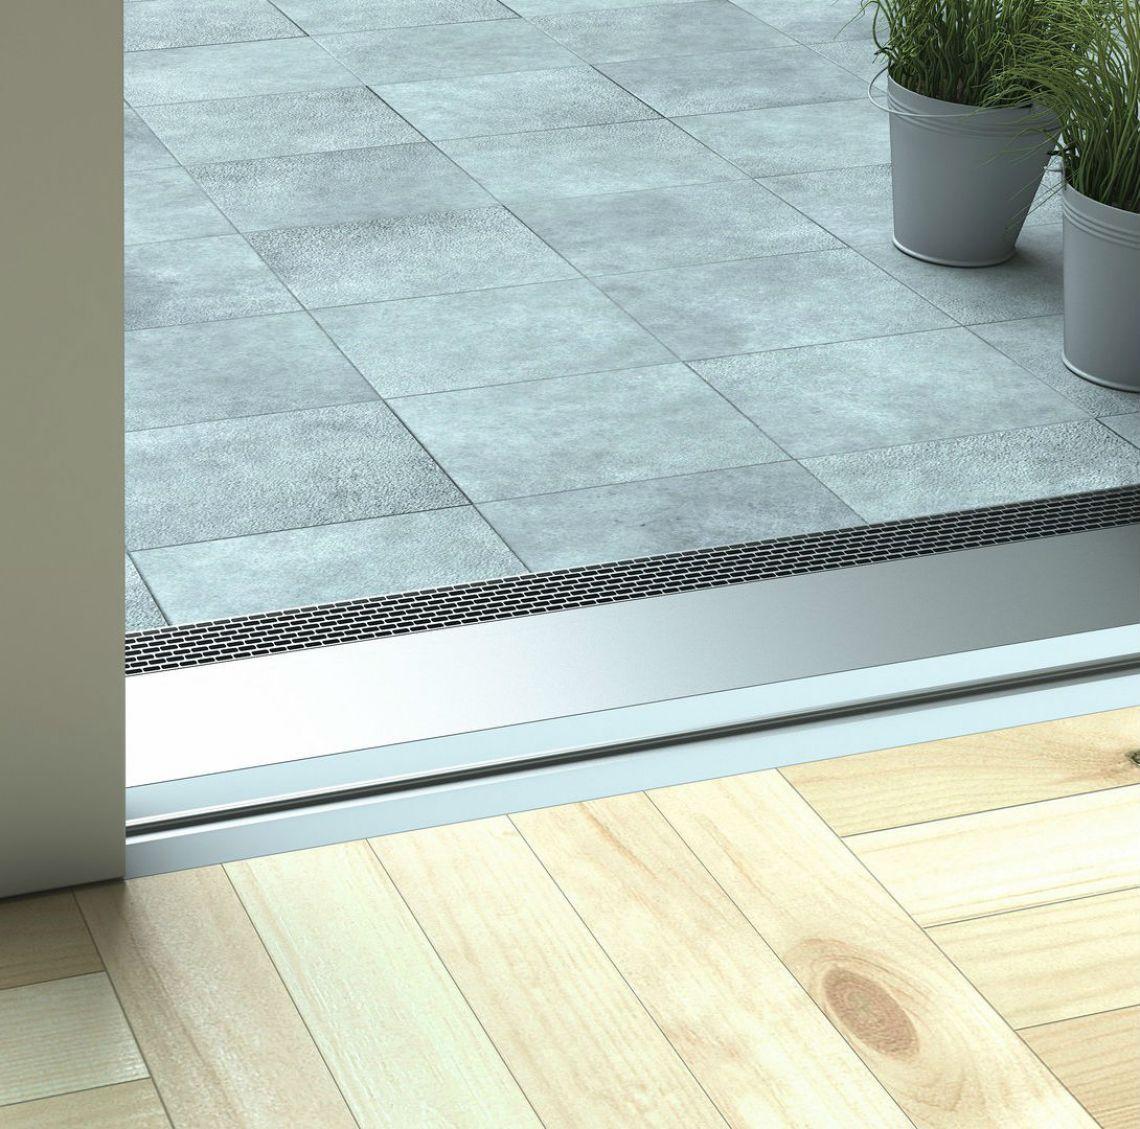 barrierefreie schwelle einer hebeschiebet r schlie t b ndig mit dem boden ab die t r ist leicht. Black Bedroom Furniture Sets. Home Design Ideas